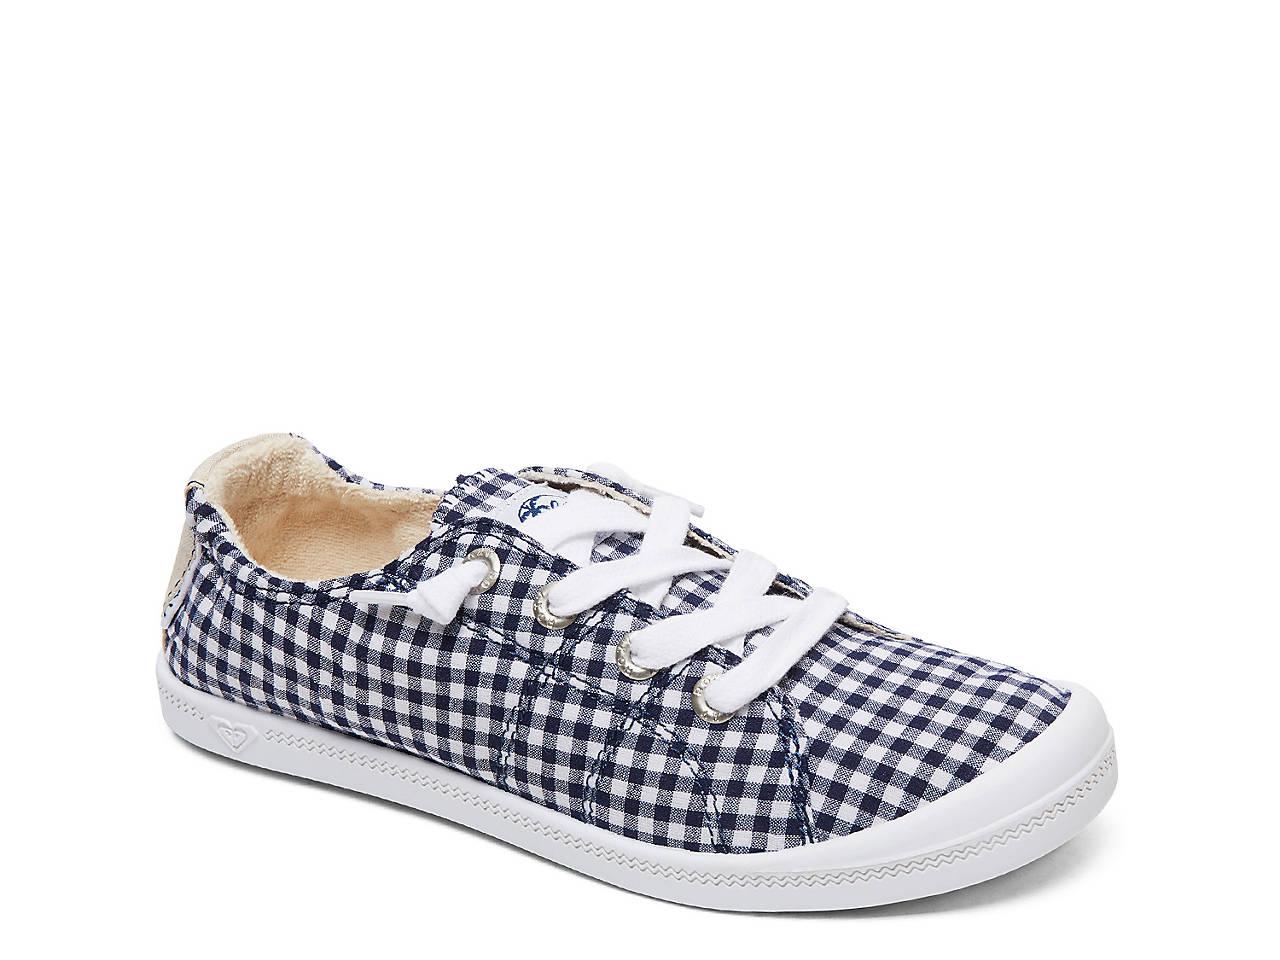 Bayshore Iii Slip On Sneaker by Roxy